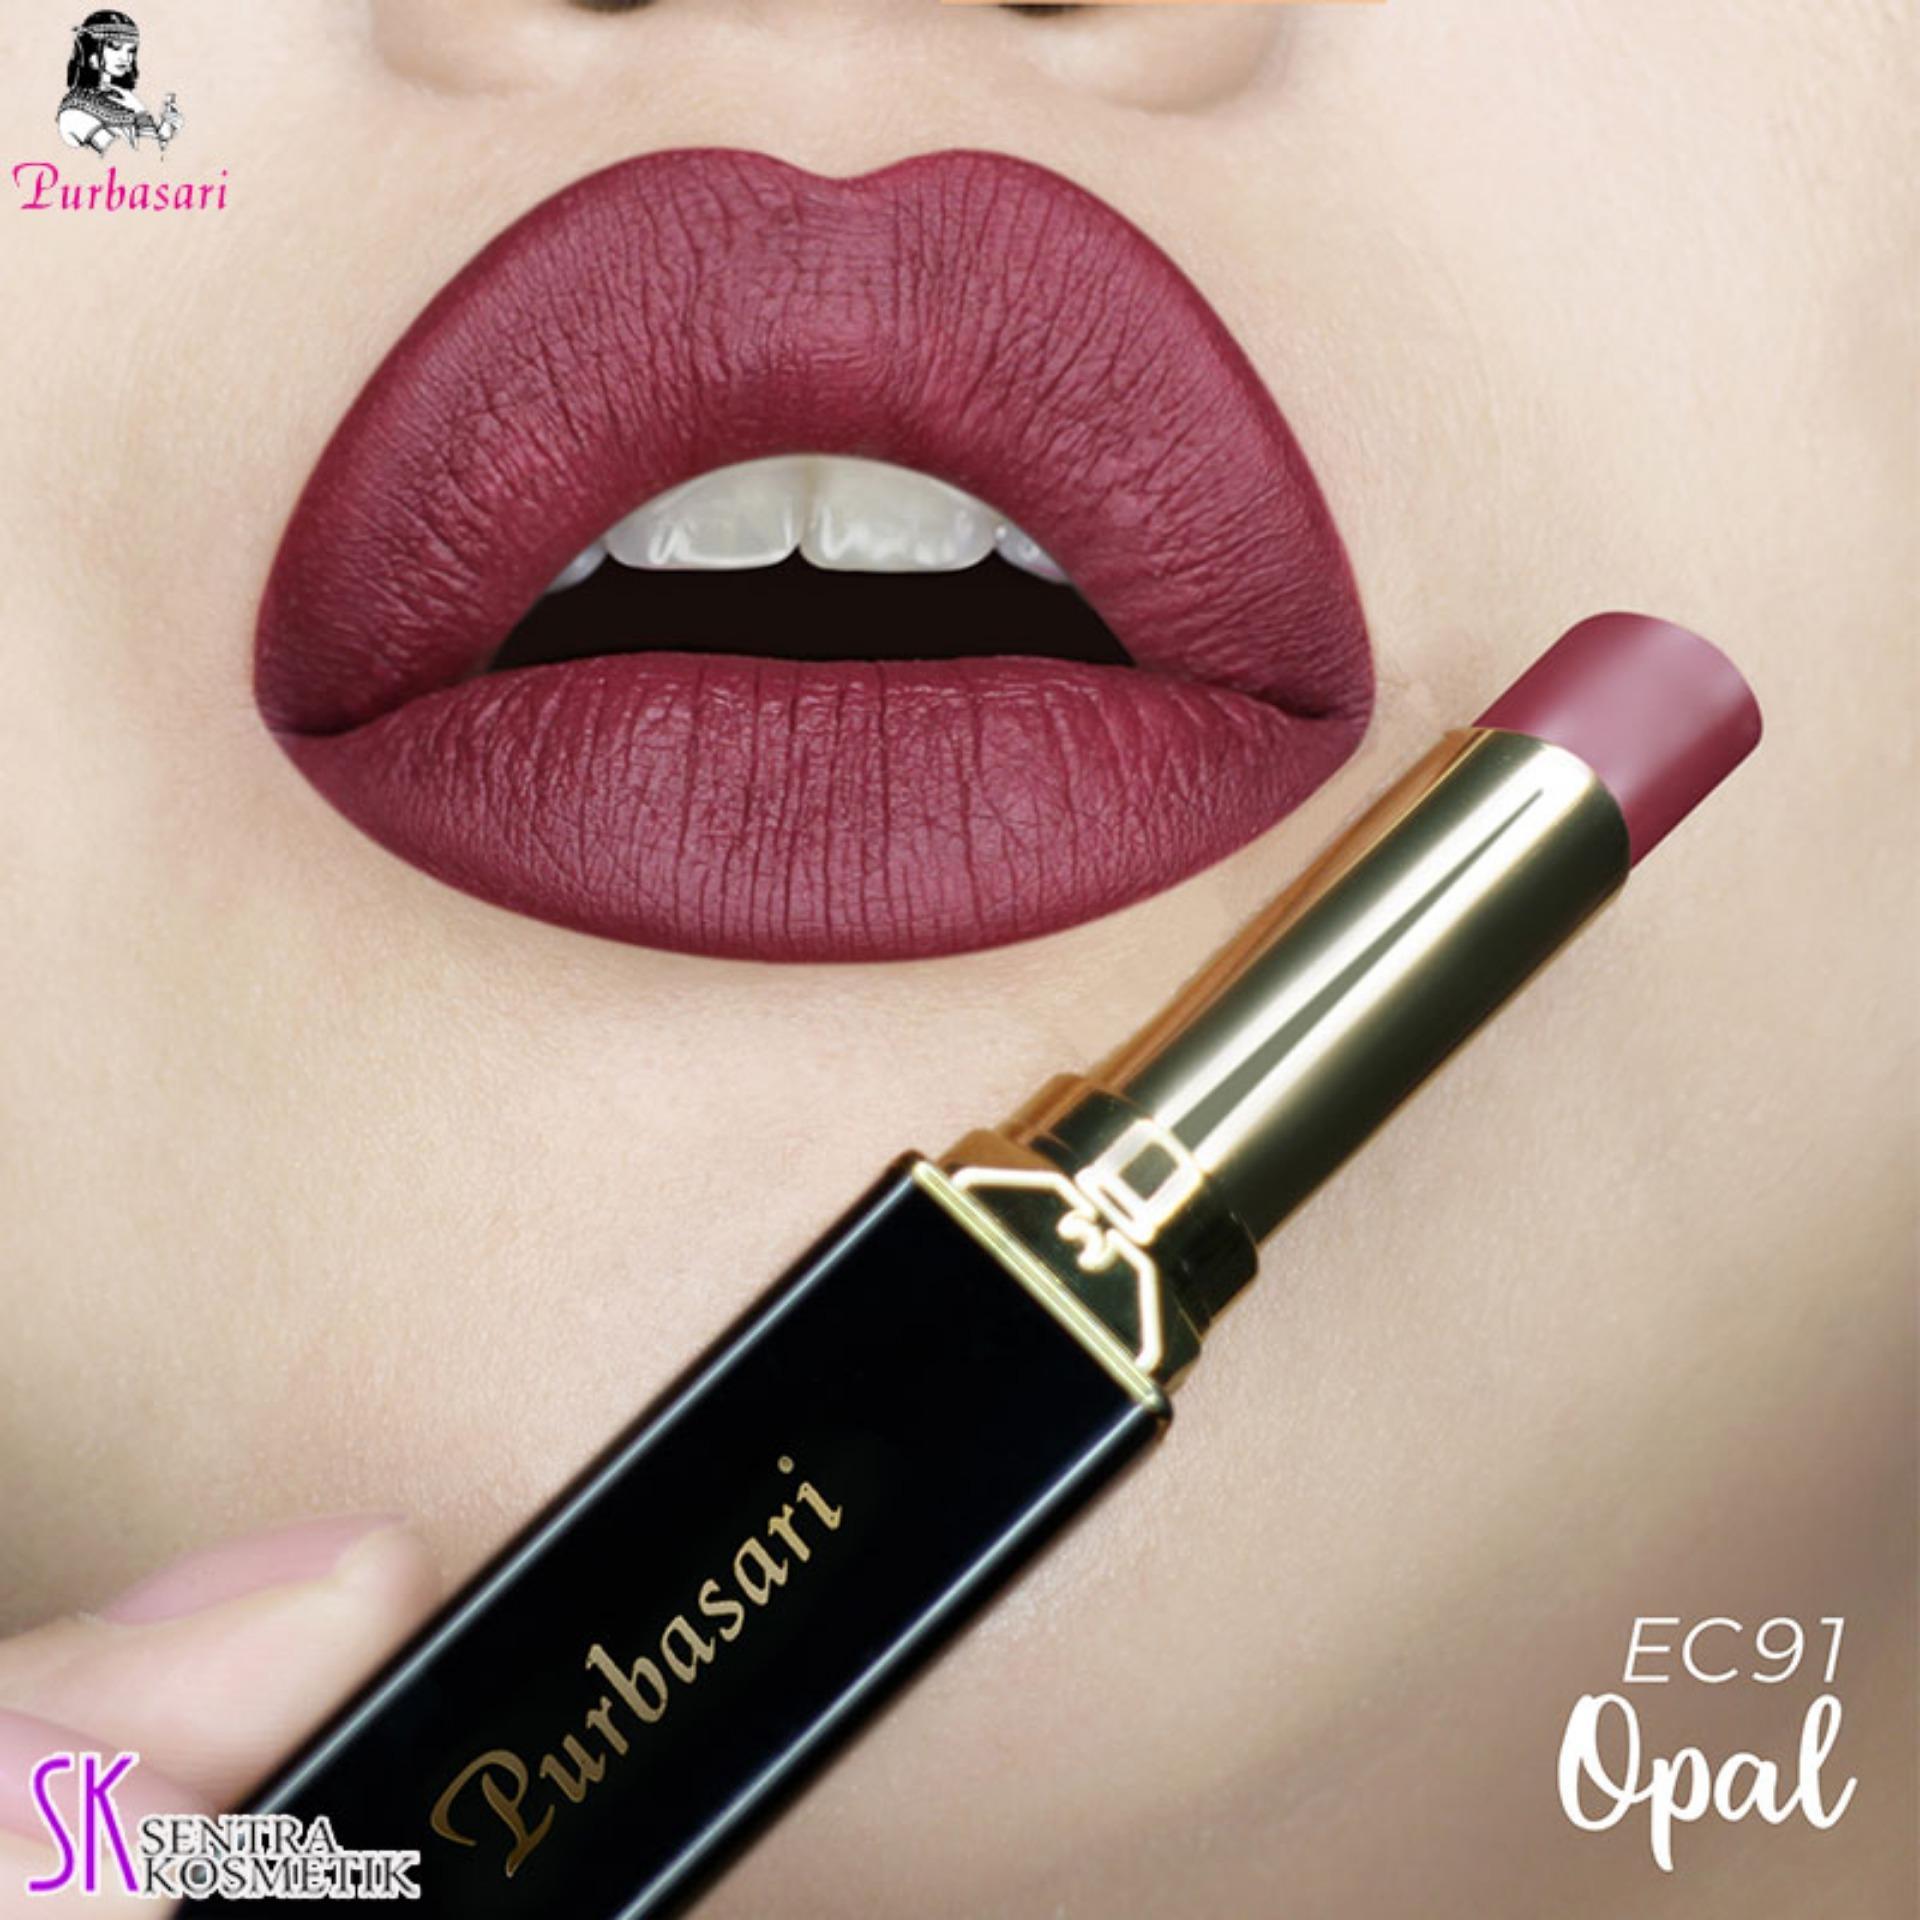 Purbasari Lipstick Collor Matte 91 OPAL